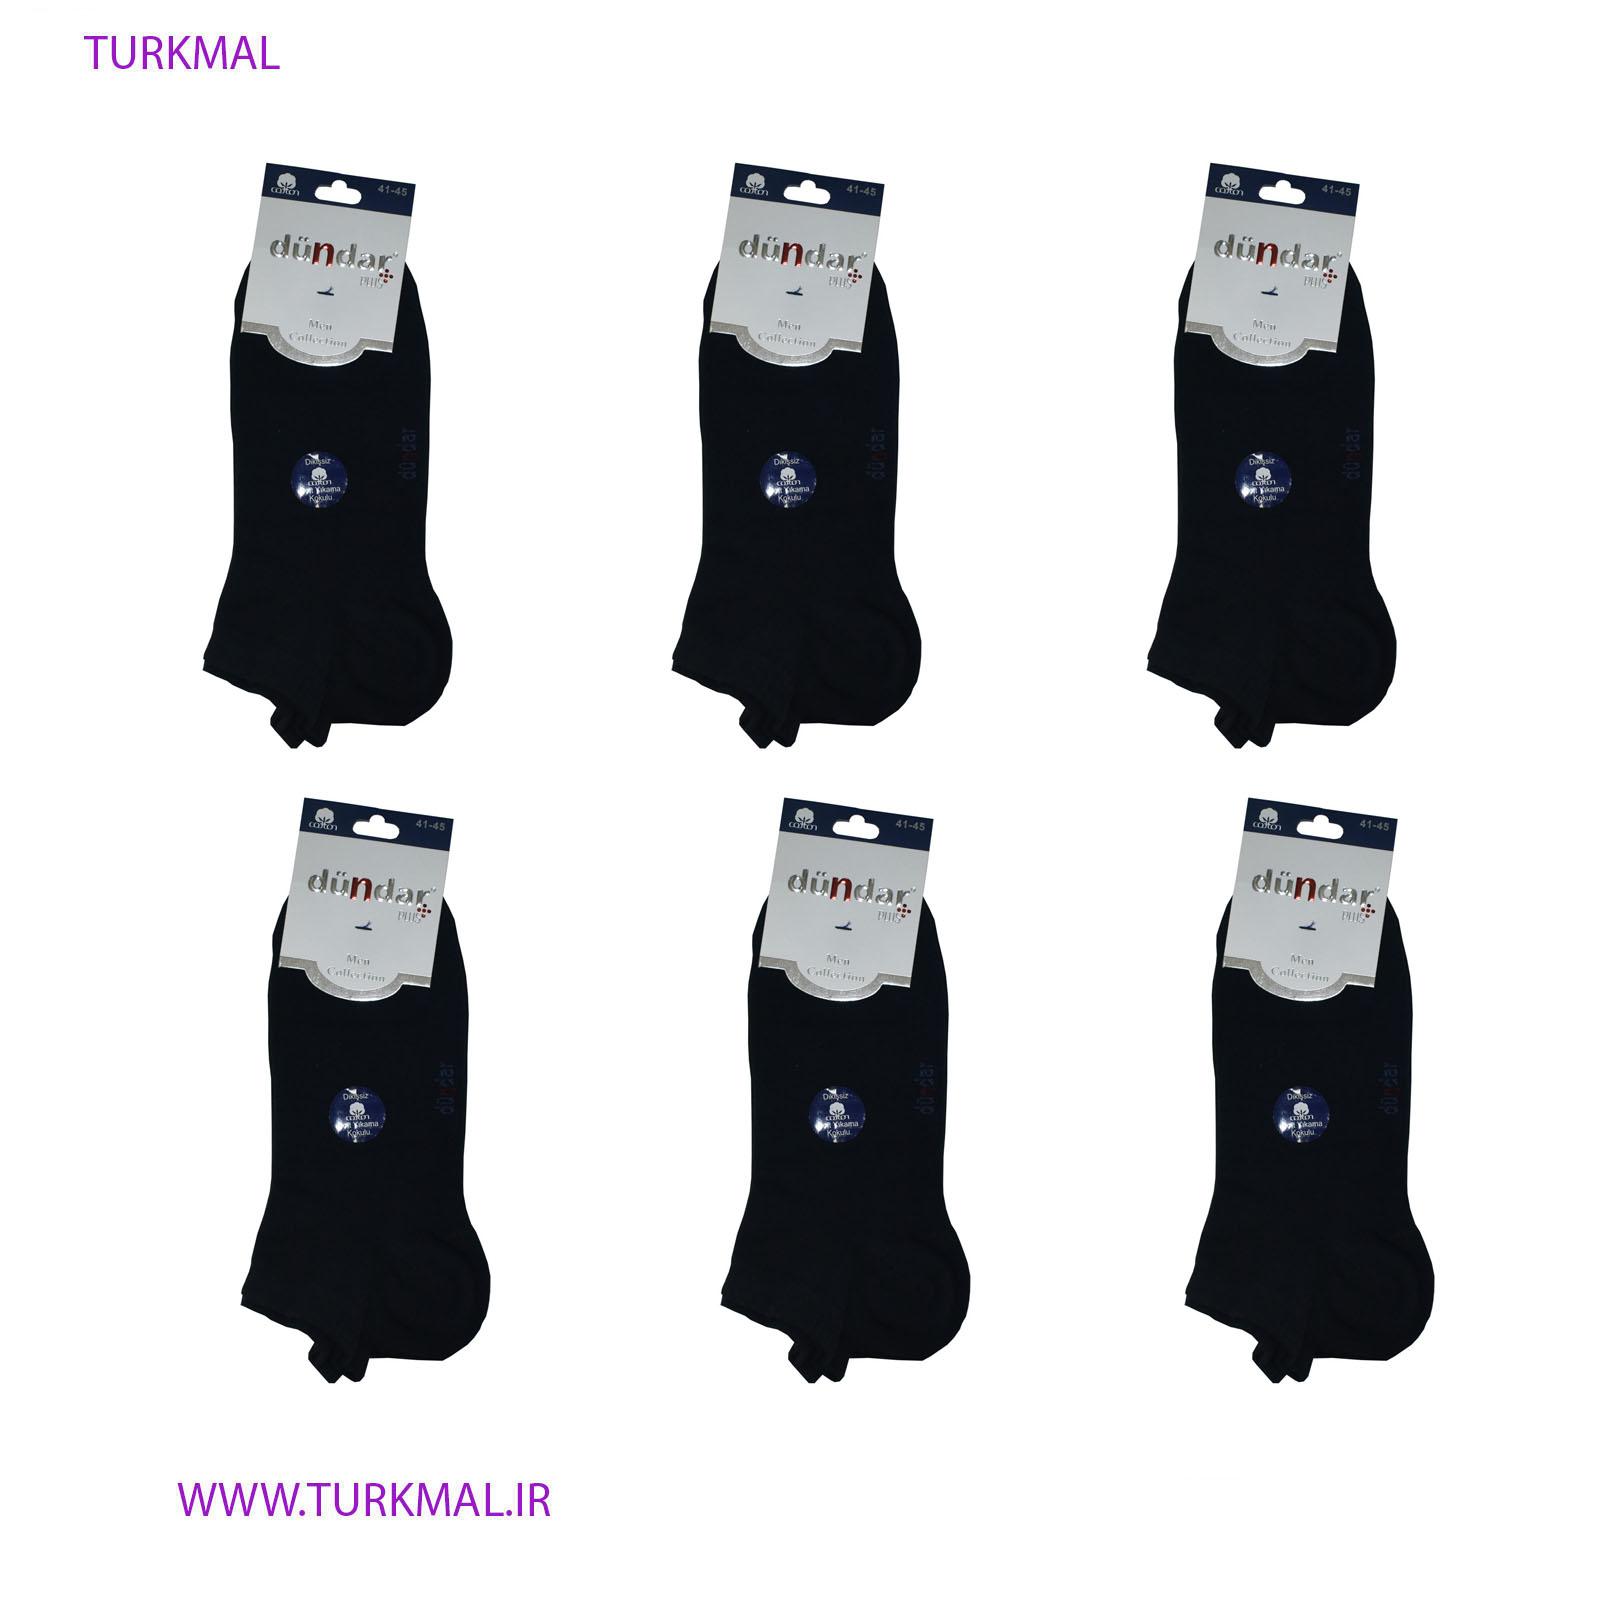 جوراب زنانه دوندار مدل بامبو بسته ۶ عددی